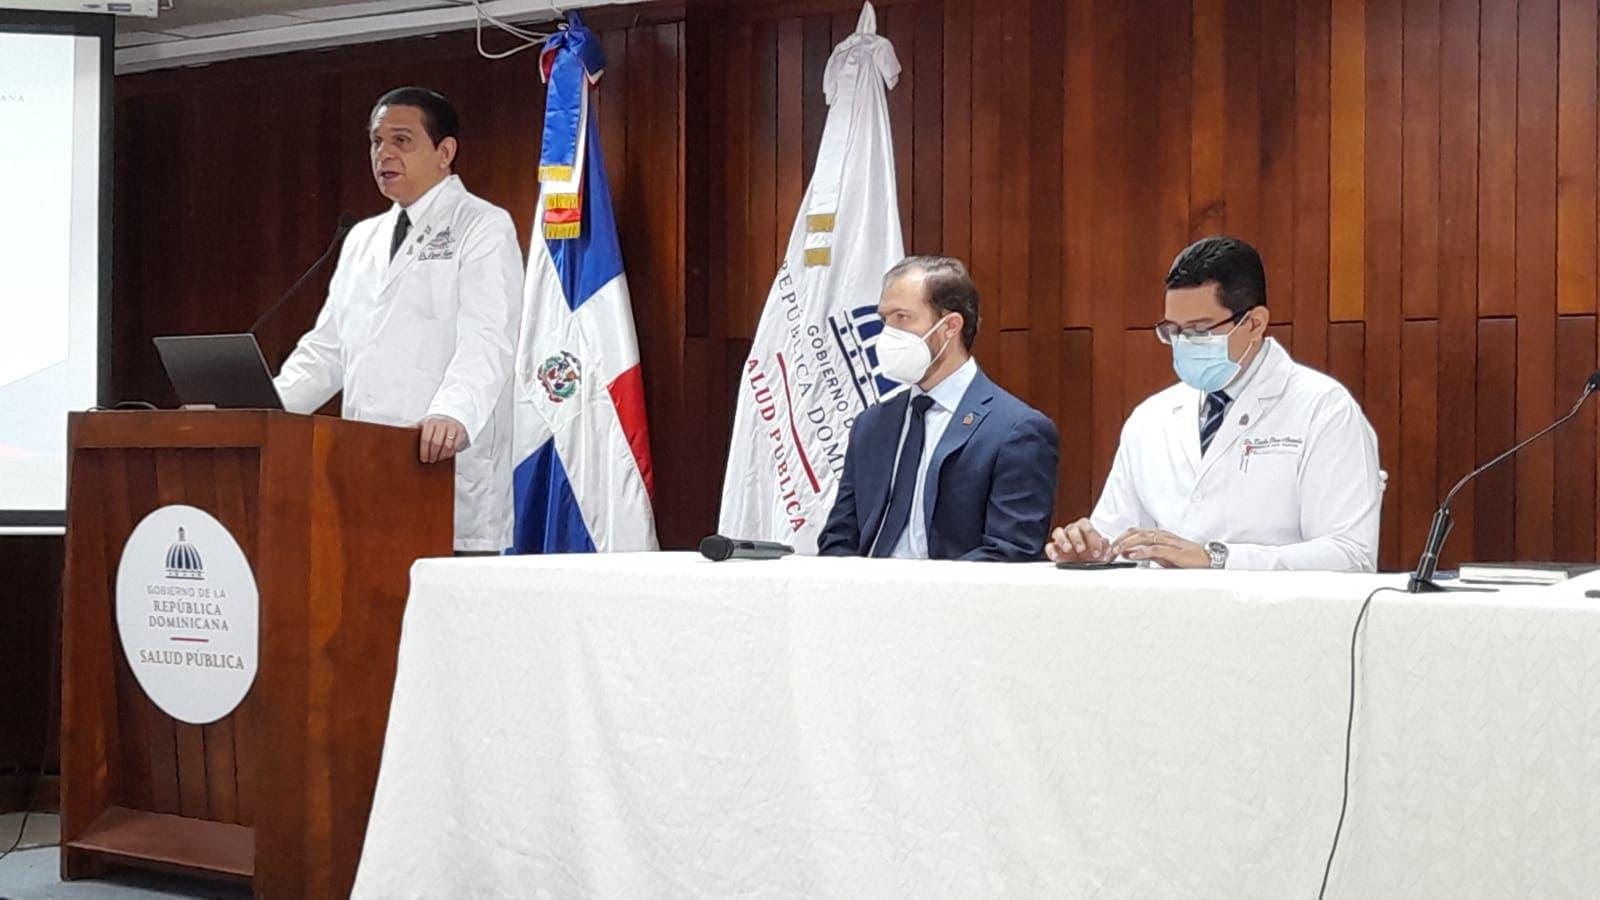 Salud Pública: «Mayoría muertes por Covid son de personas no vacunadas»